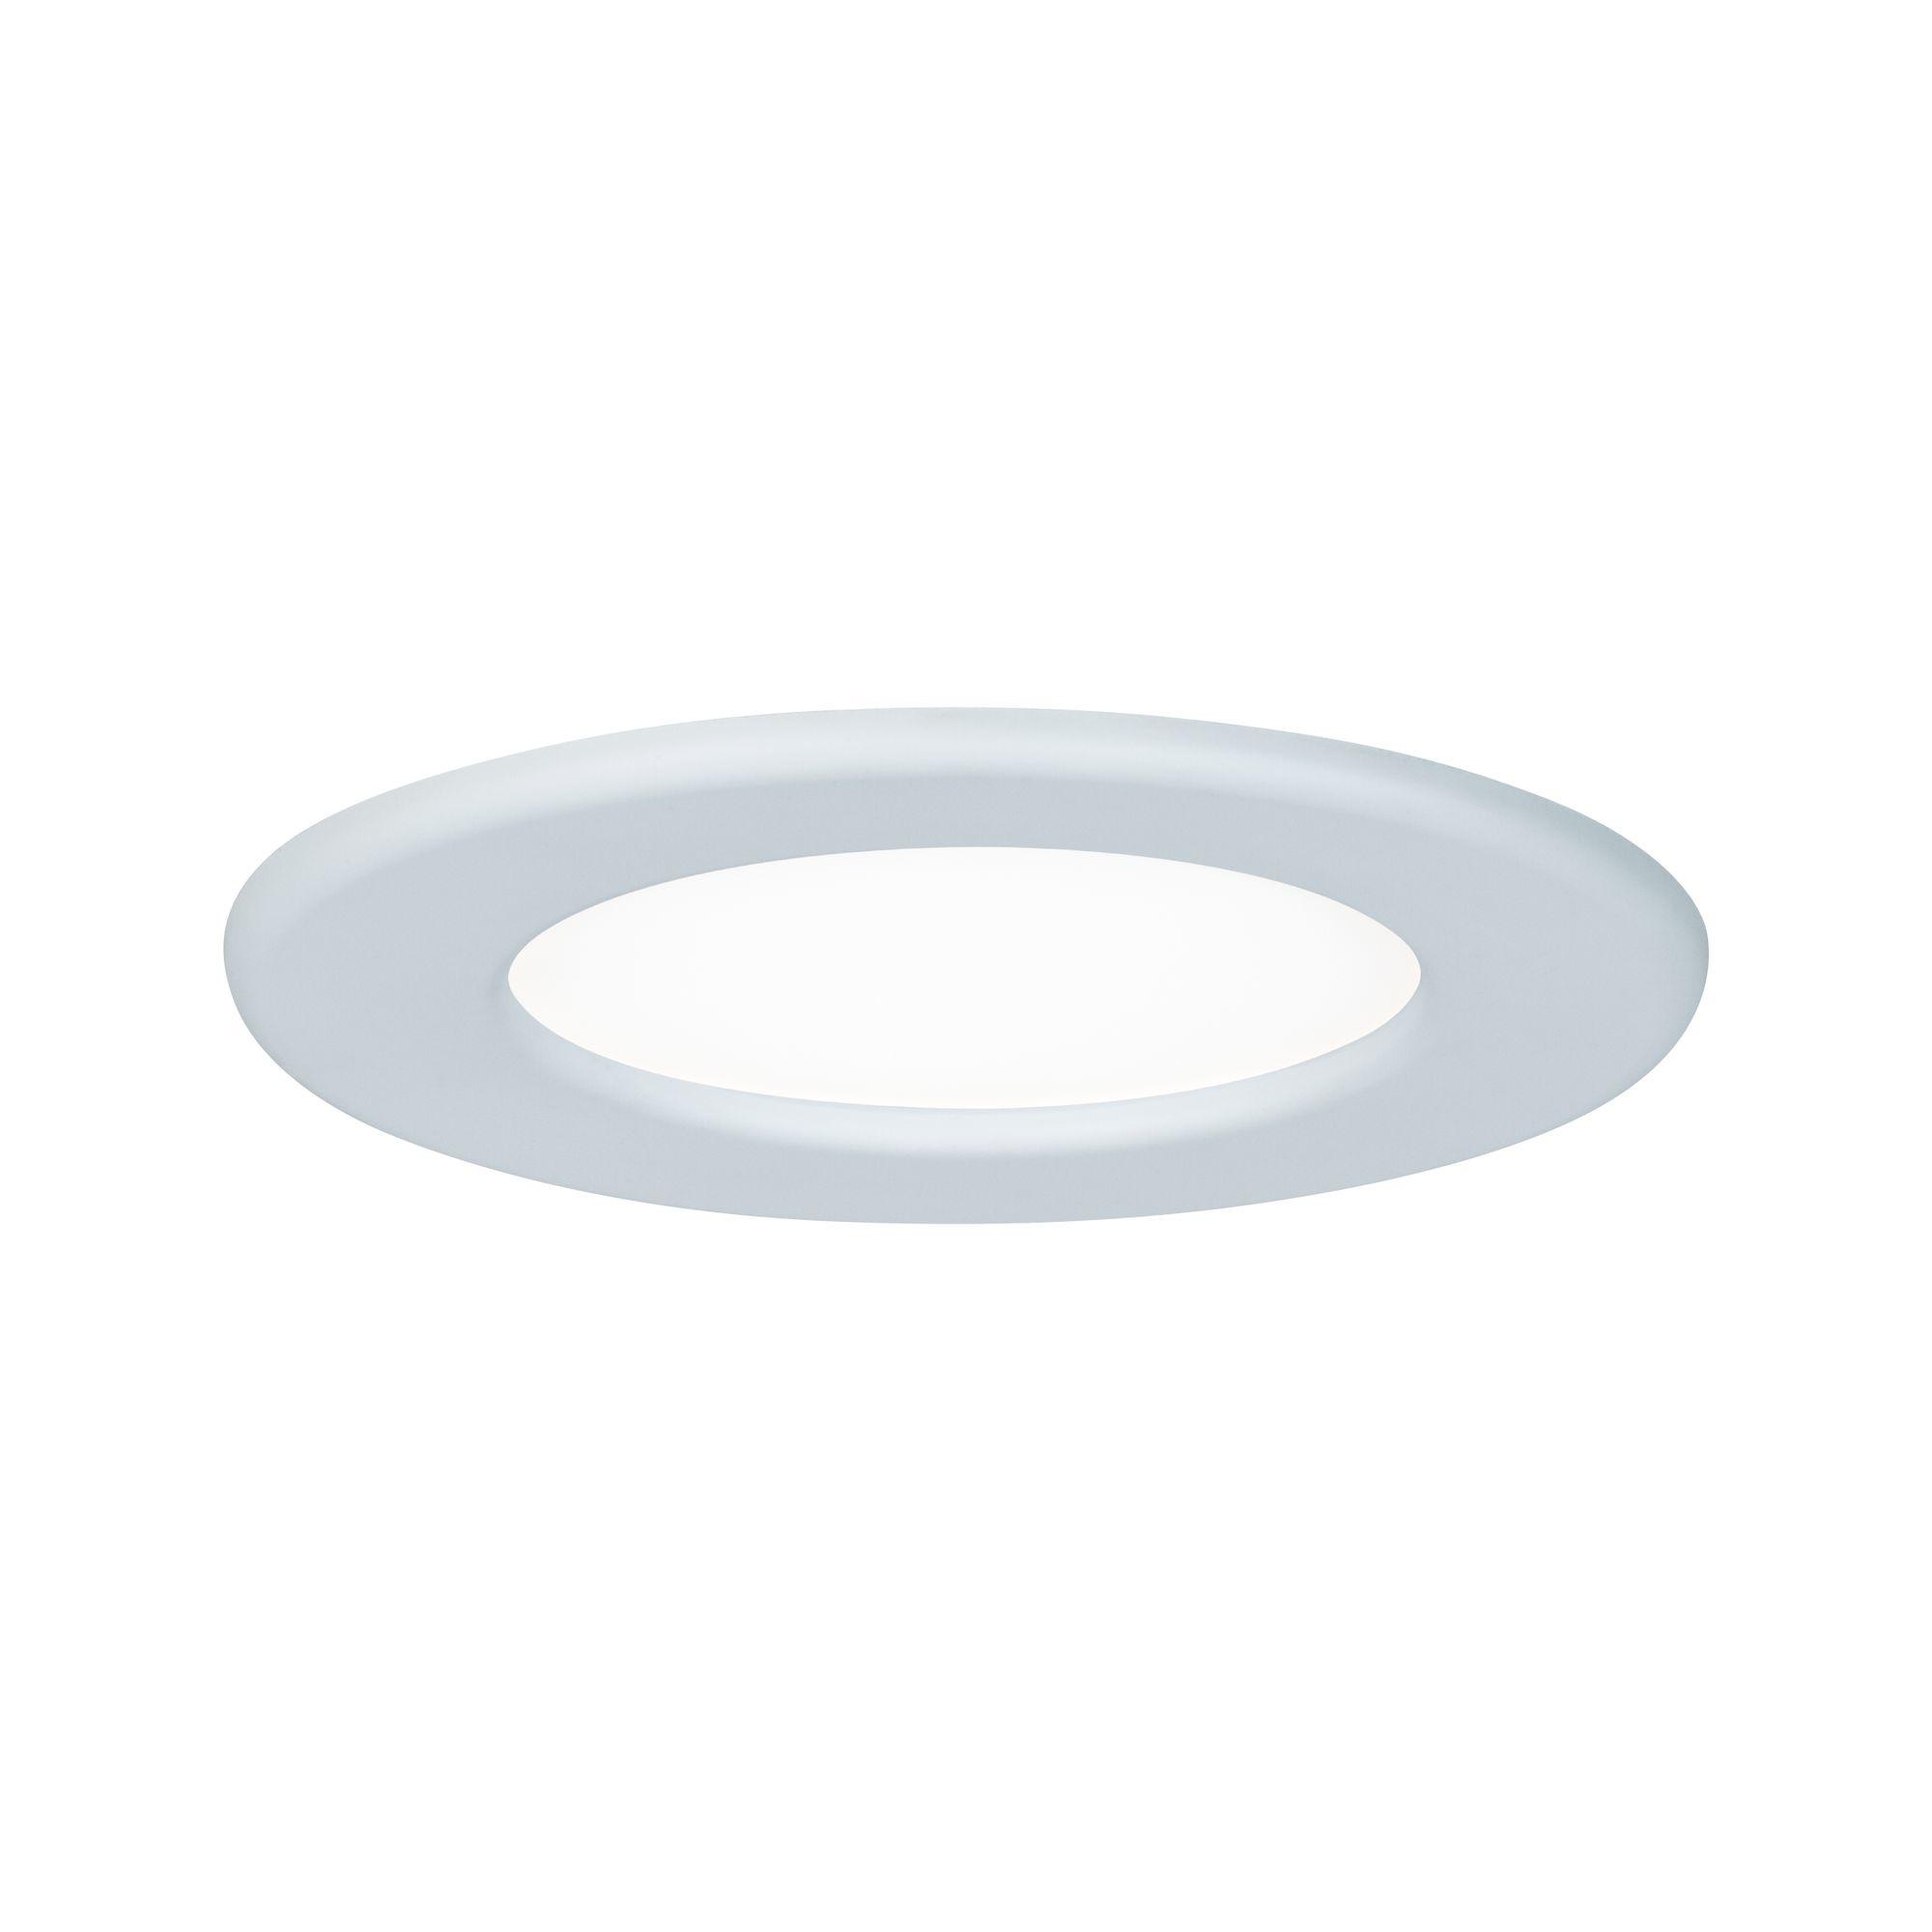 Paulmann LED Einbaupanel rund 115mm 6W 4.000K Weiß